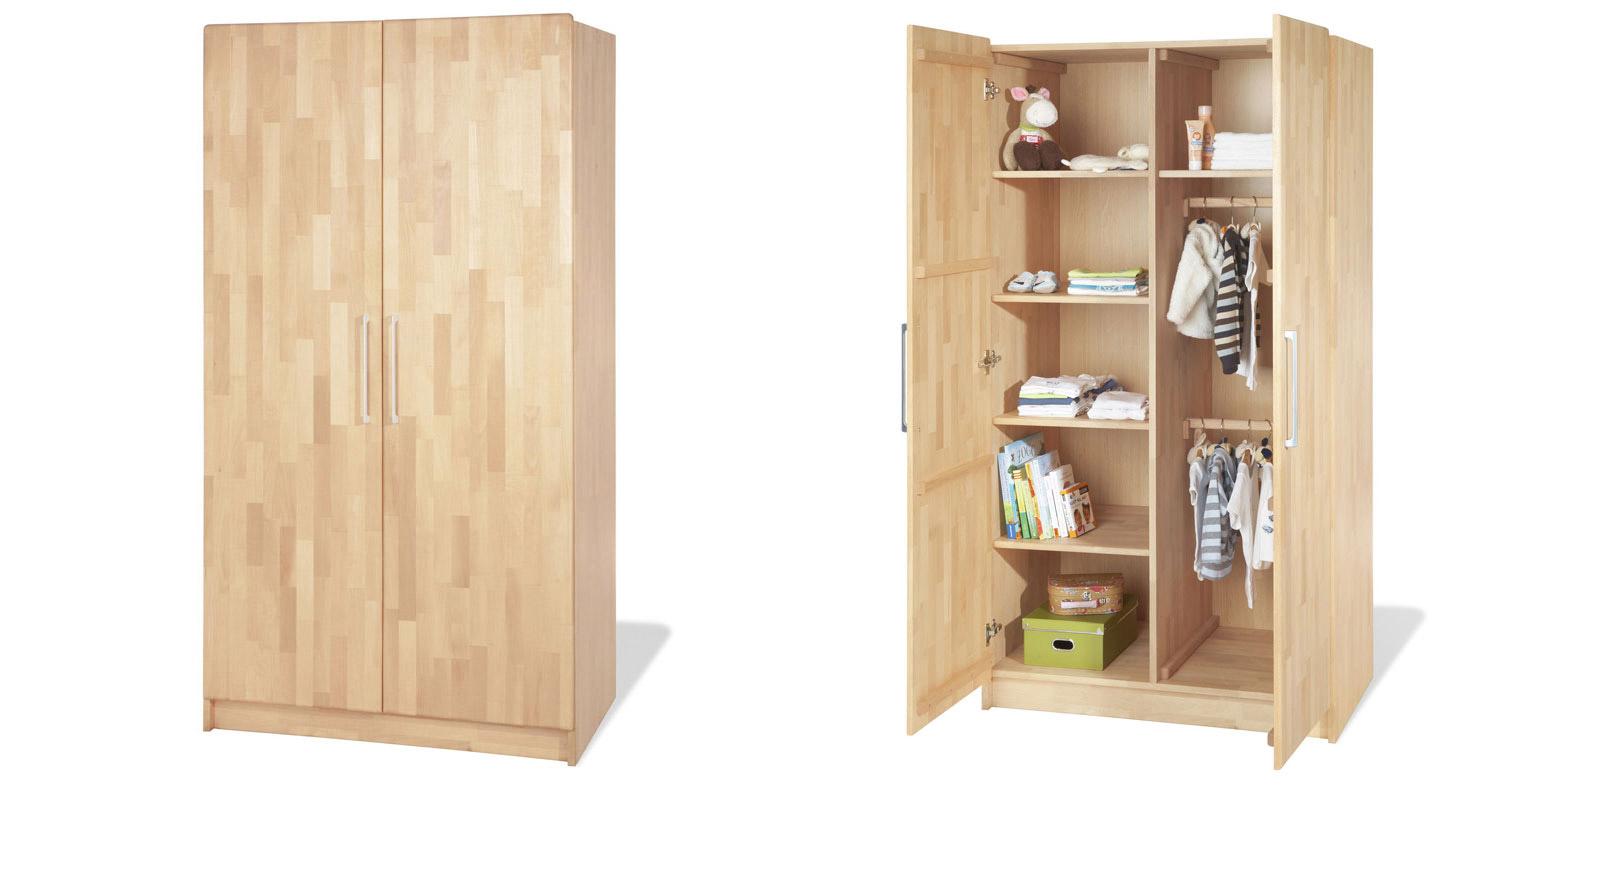 Kinder-Kleiderschrank wahlweise mit 2 oder 3 Türen - Natura